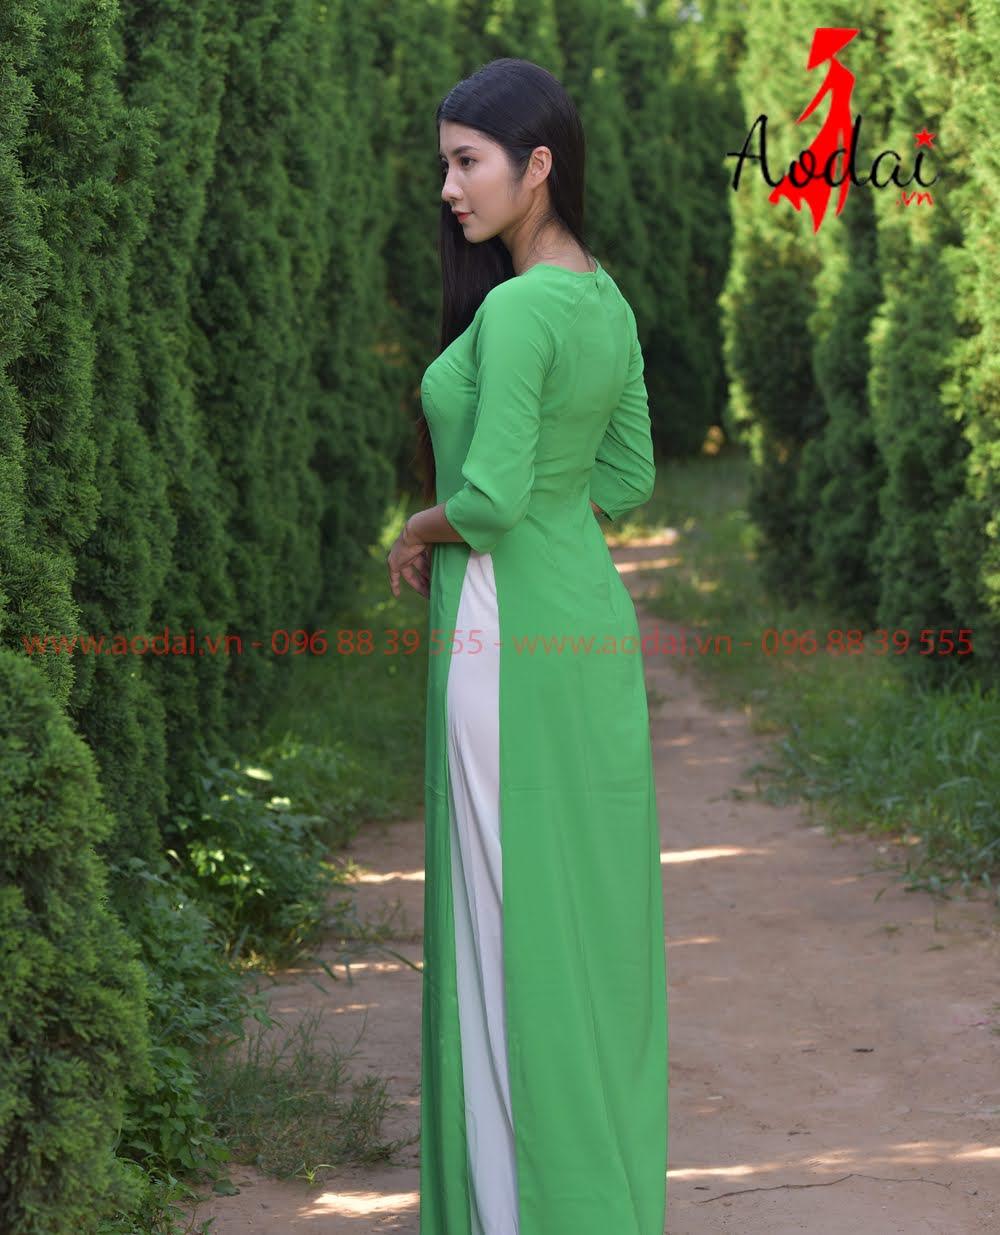 May áo dài tại Ðống Ða